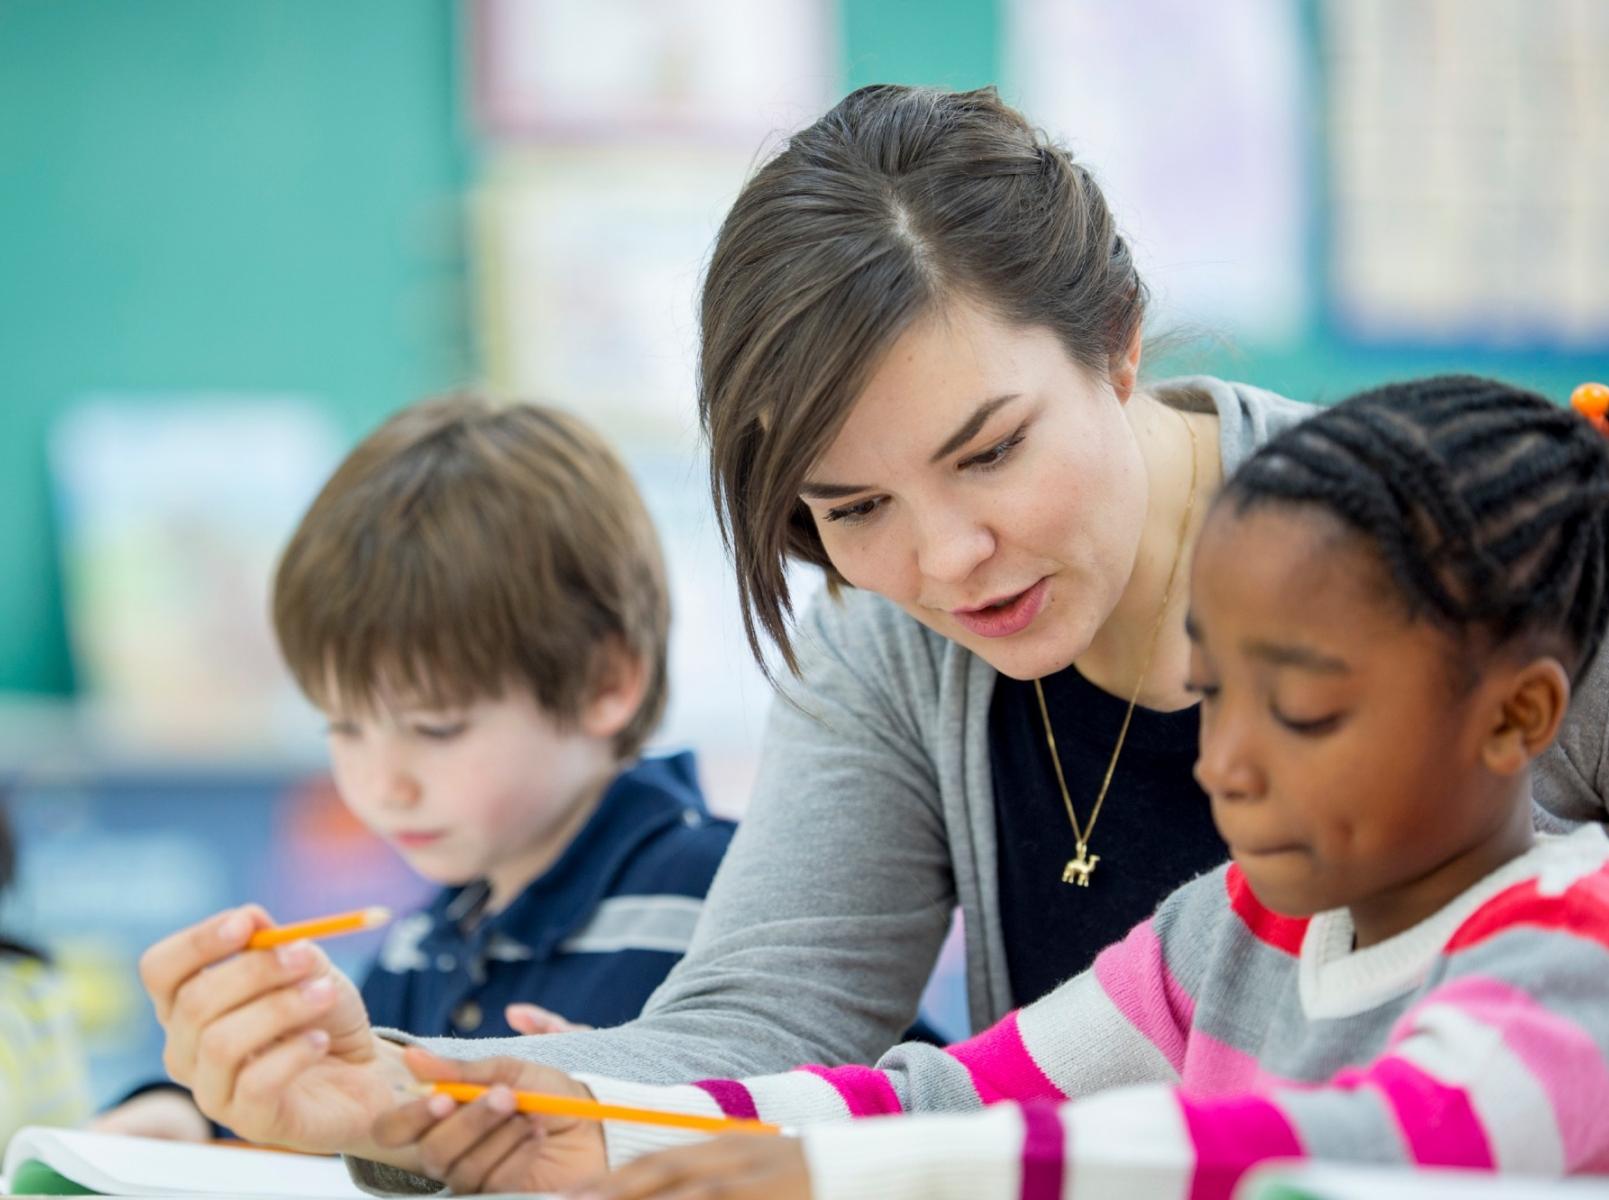 Health Sciences - Program Evaluation Assignment - www.all-skills.com